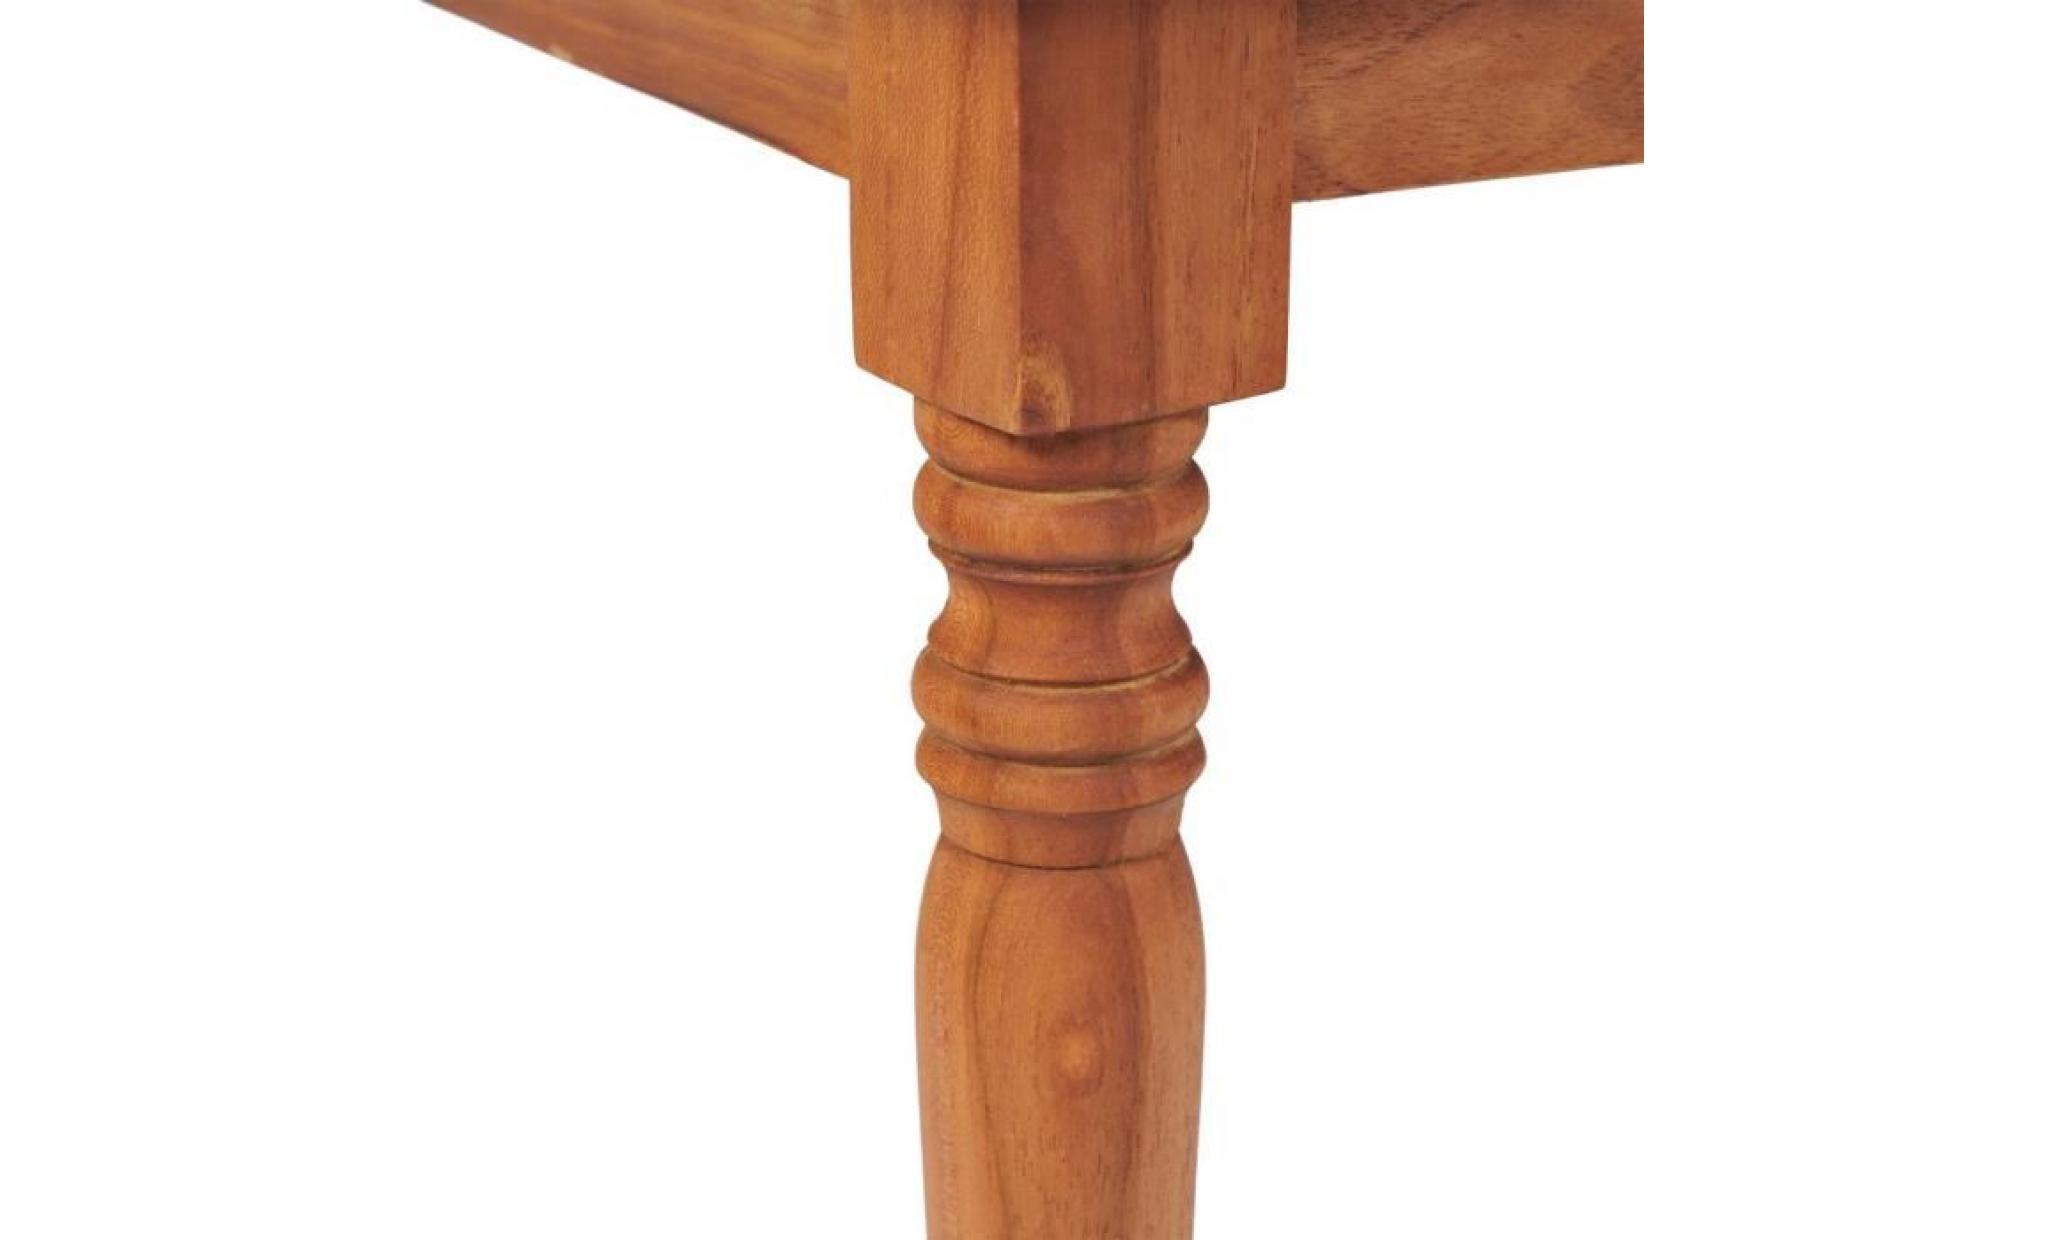 tables d exterieur table basse batavia teck 90 x 50 x 45 cm achat vente table basse pas cher couleur et design fr